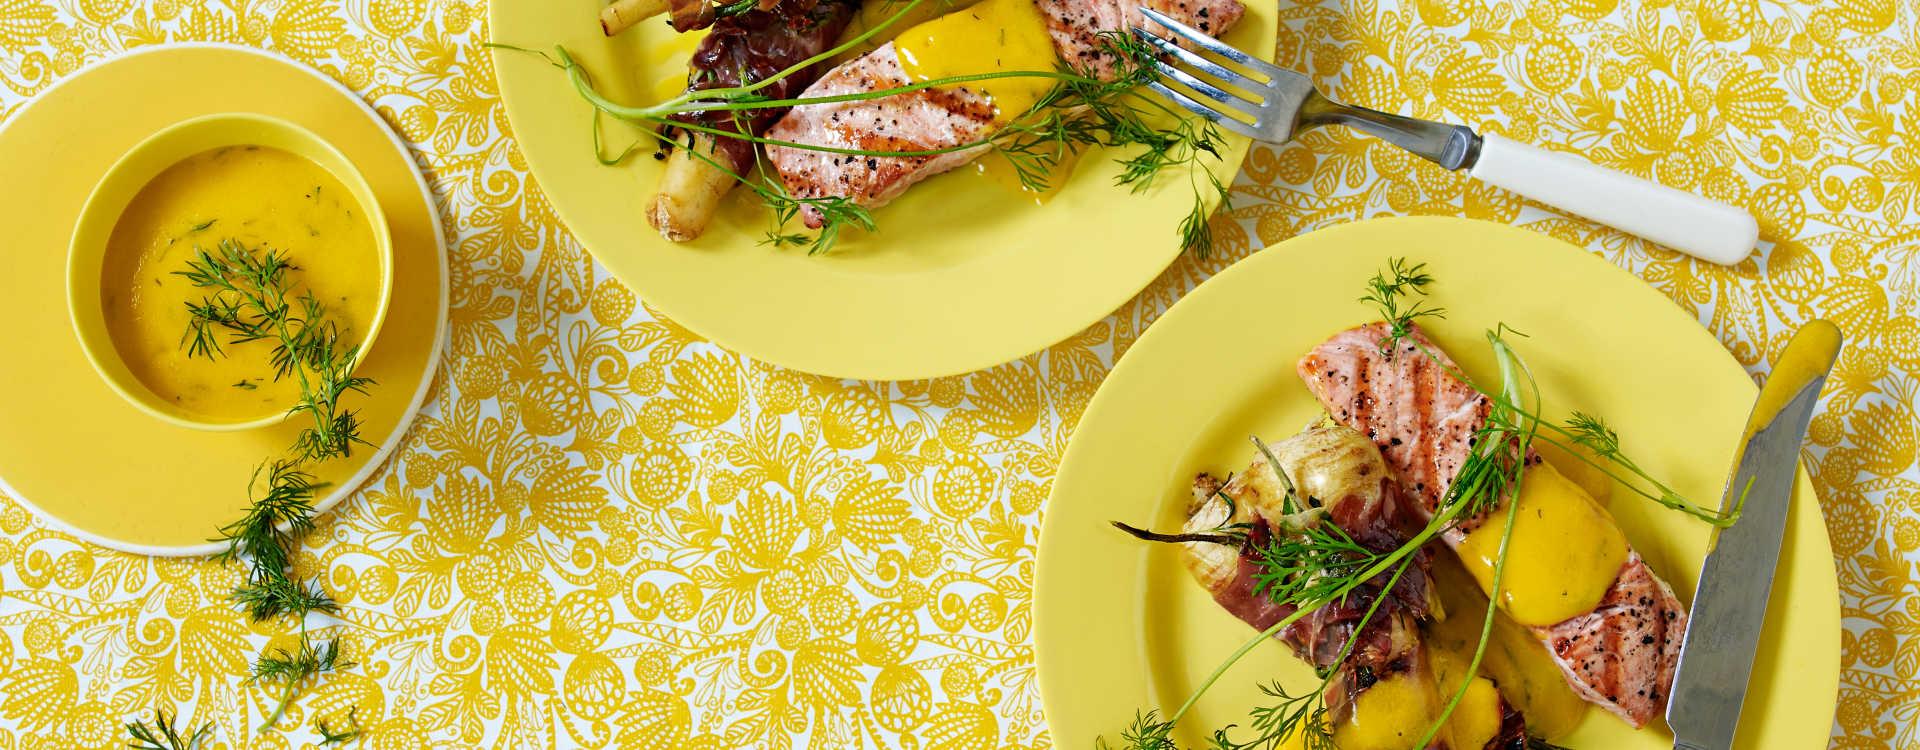 Grillet laks med sitronkokte persillerøtter, coppa og dillmajones